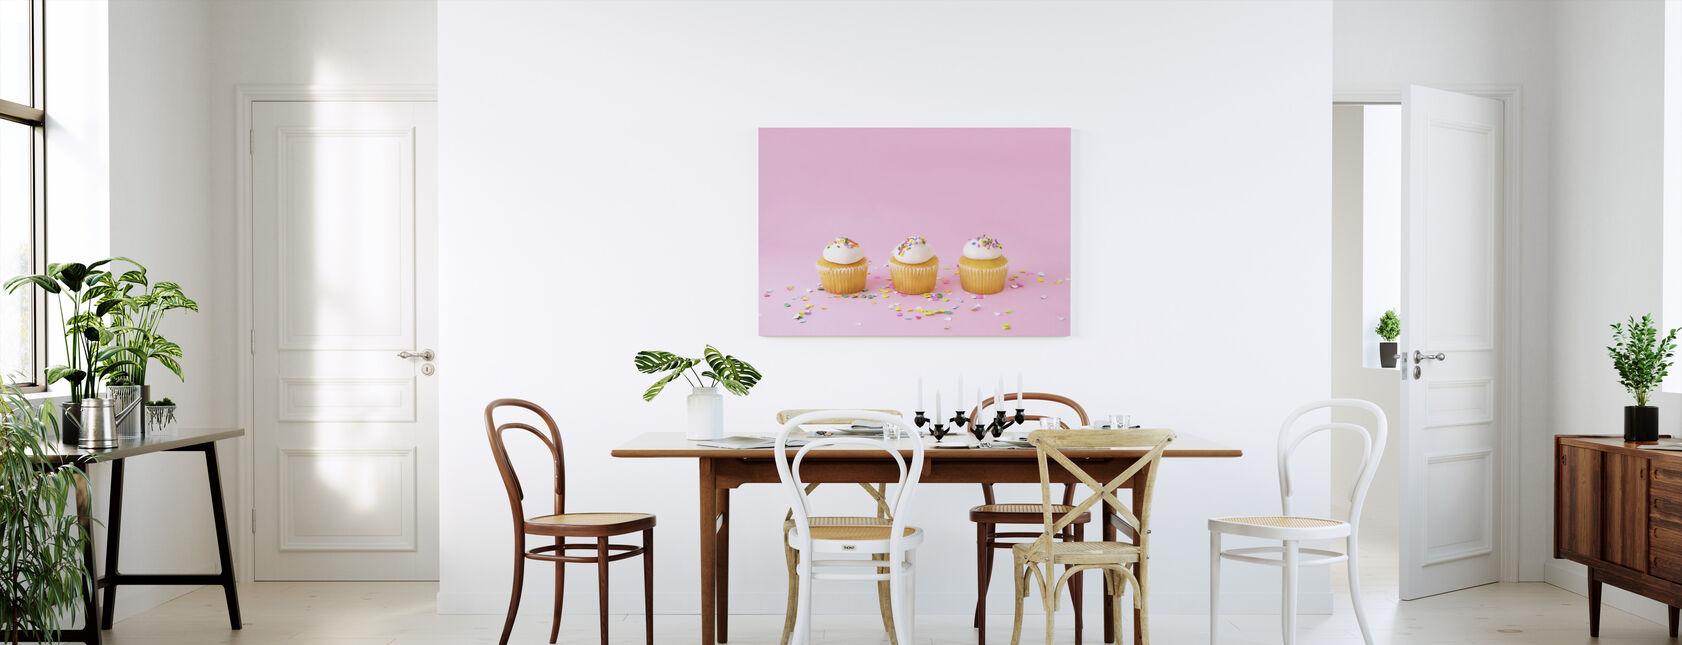 Frostat muffins - Canvastavla - Kök